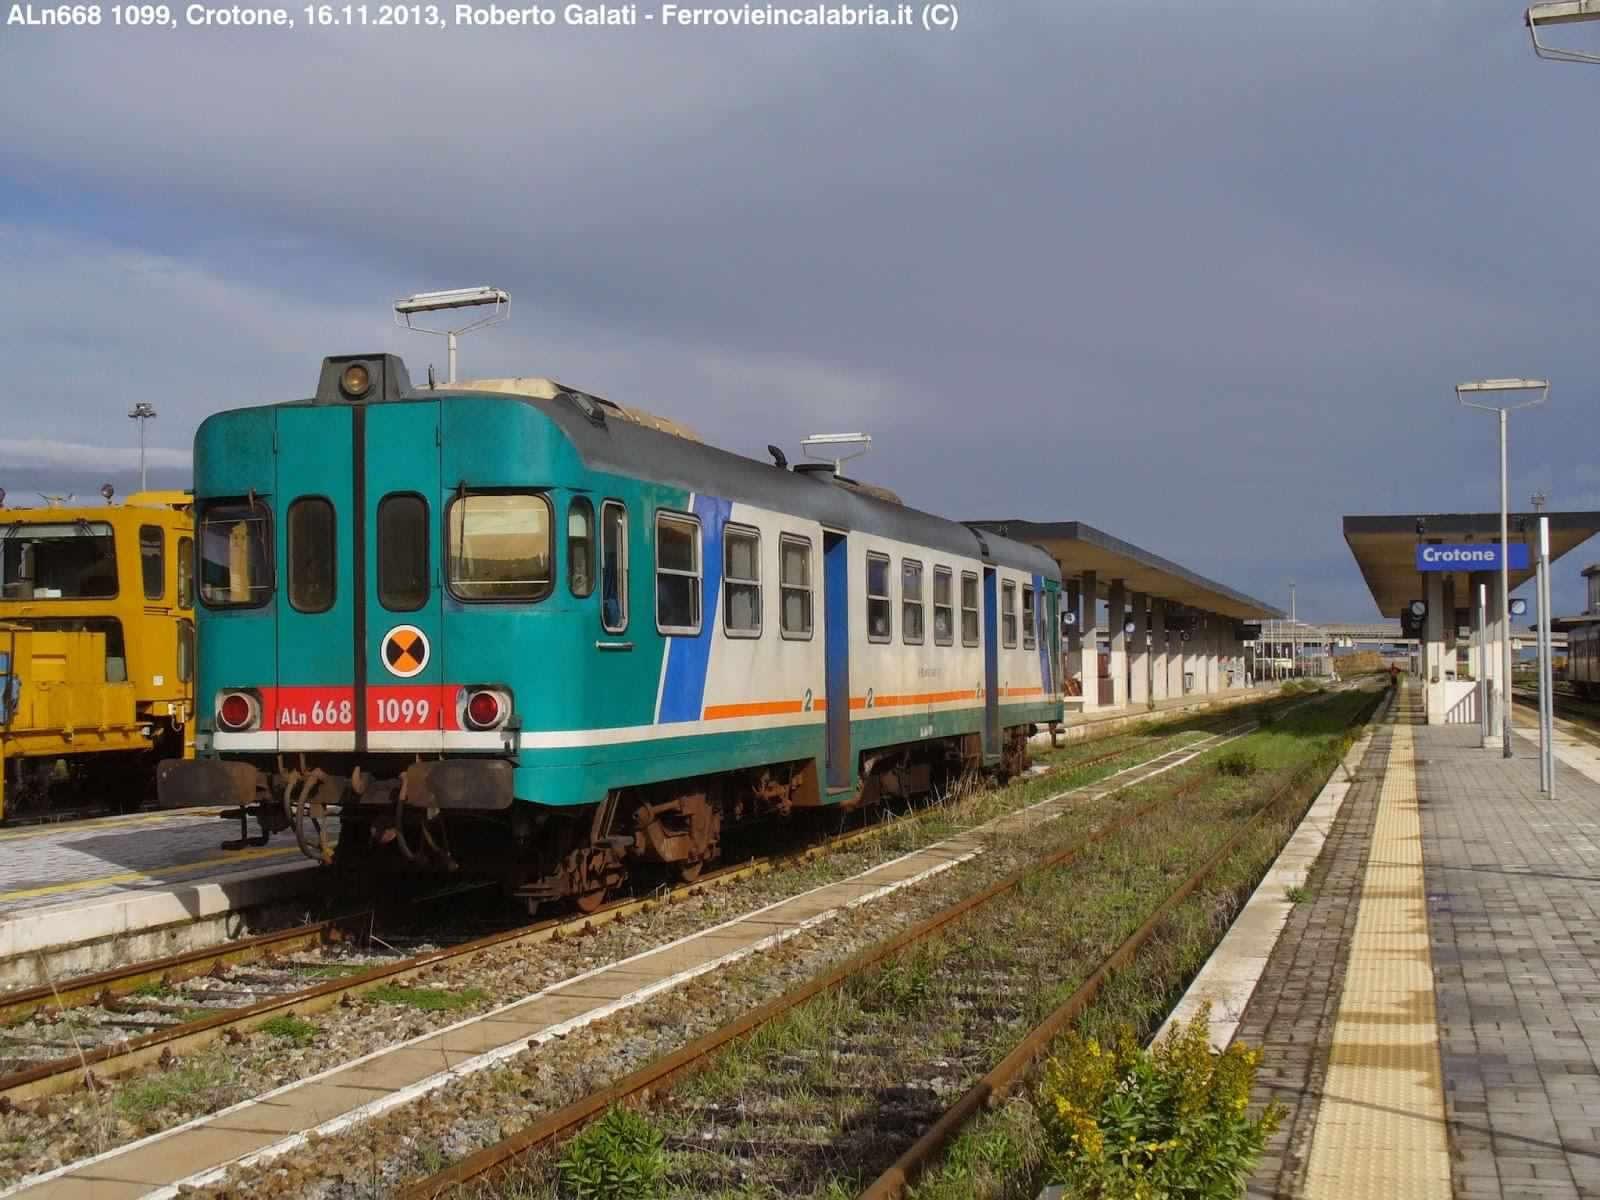 ALn668 1099-Crotone-2013-11-16-RobertoGalati